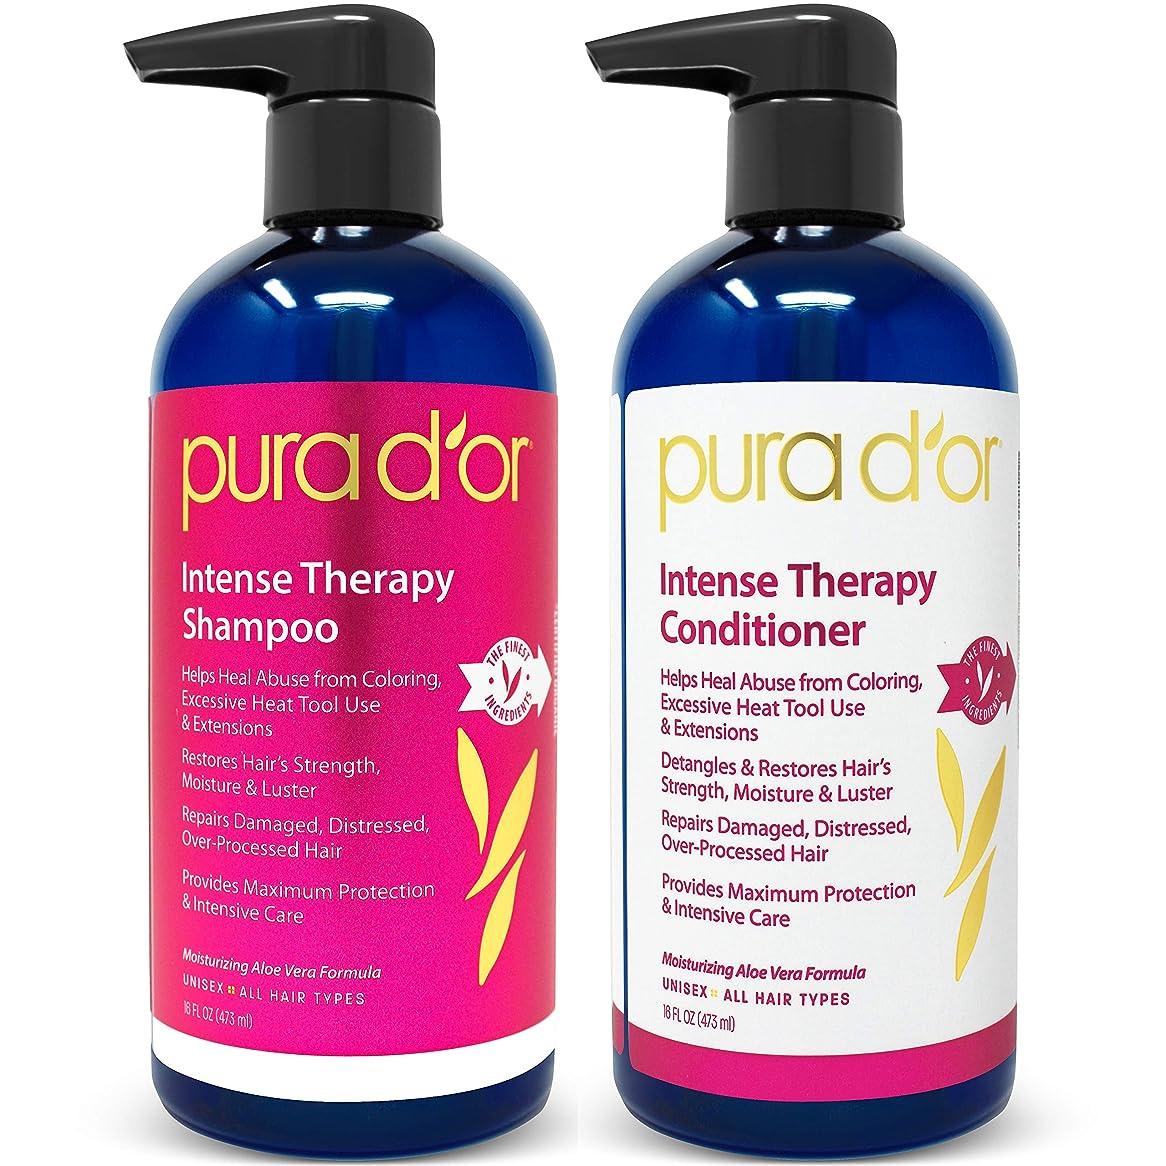 思春期無人ルームPURA D'OR インテンス セラピー シャンプーとコンディショナー ヘアケアセット ダメージを受け、弱り傷んだ髪を補修します。天然成分配合、硫酸塩不使用、全ての髪質に、男性 & 女性用(パッケージが異なる場合があります) コンボ(シャンプー&コンディショナー)